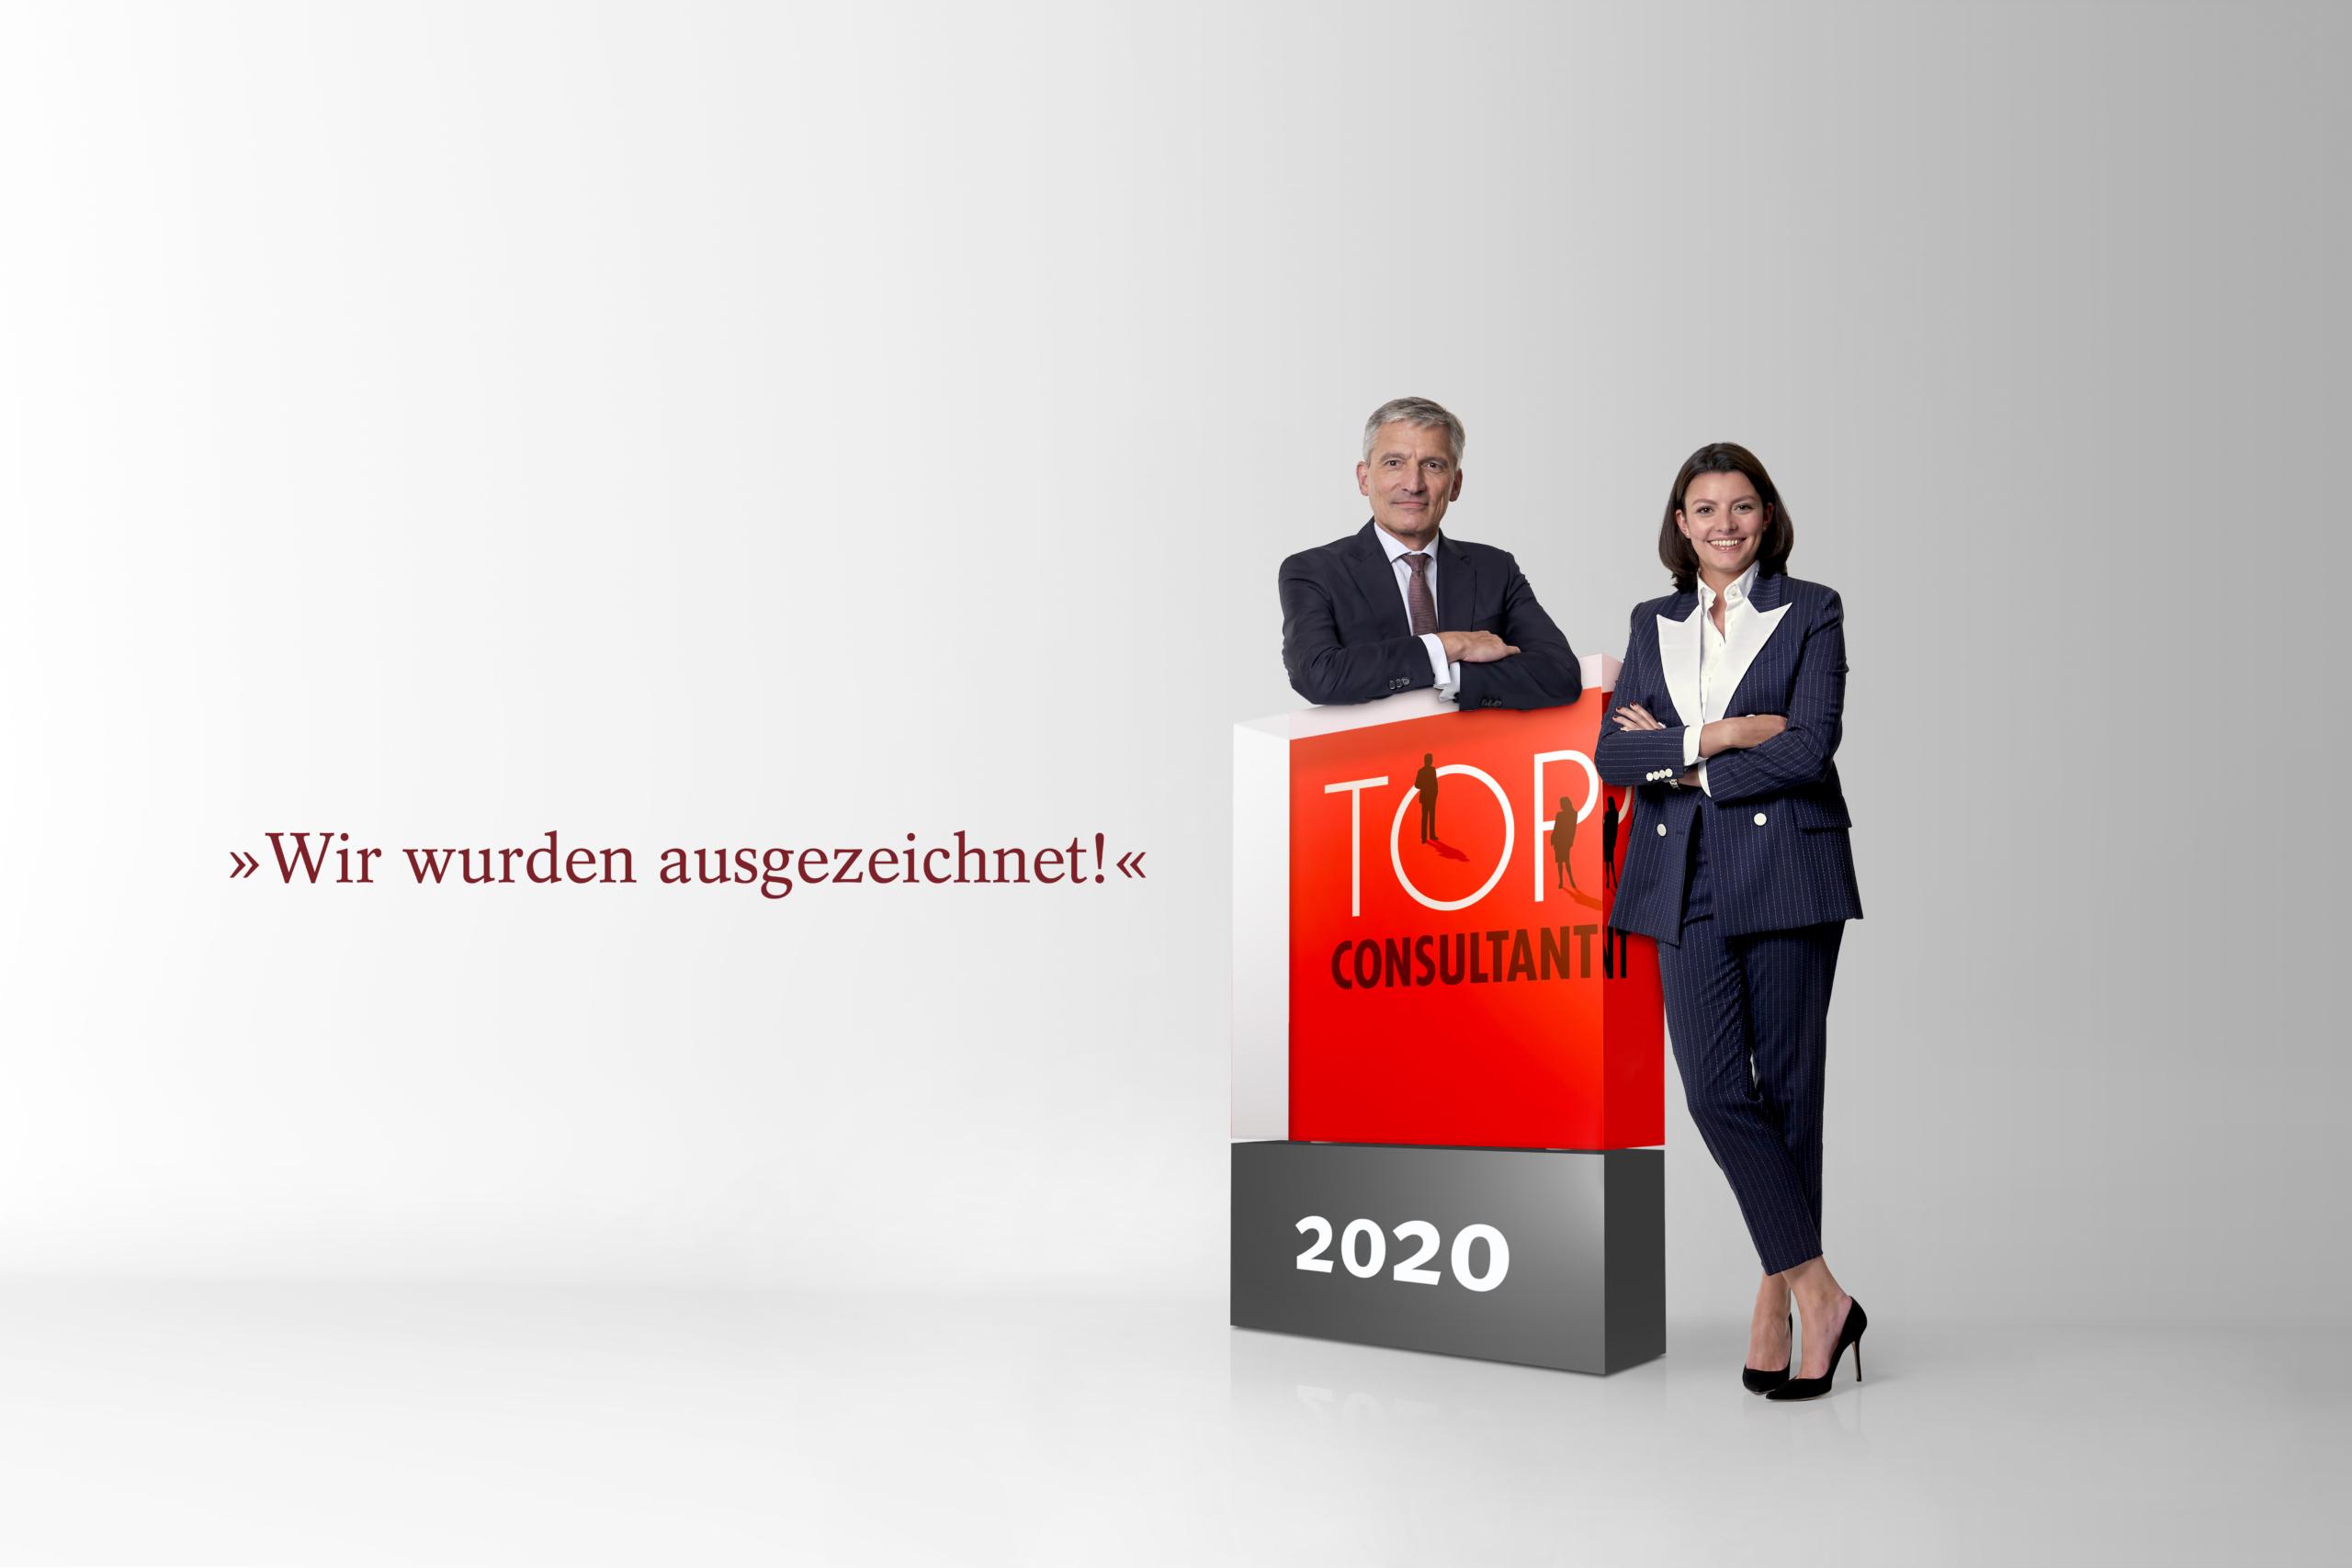 Unternehmensberatung in Hamburg als Top Consultant 2020 ausgezeichnet.